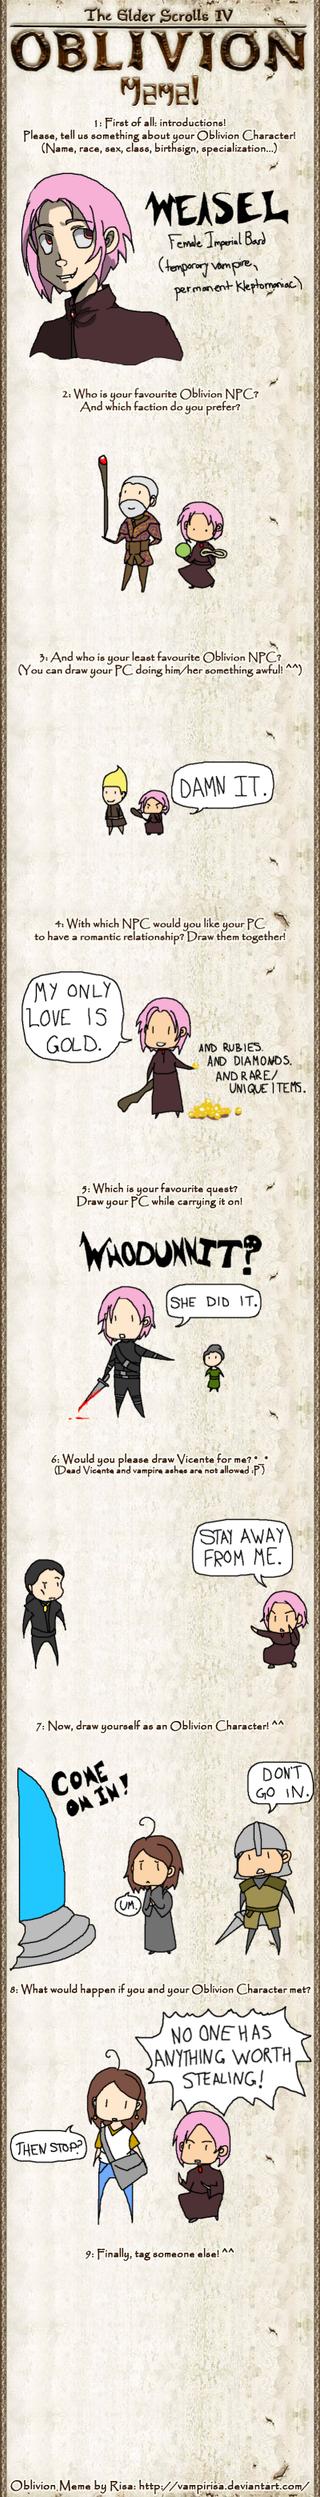 Oblivion Meme by quidditch